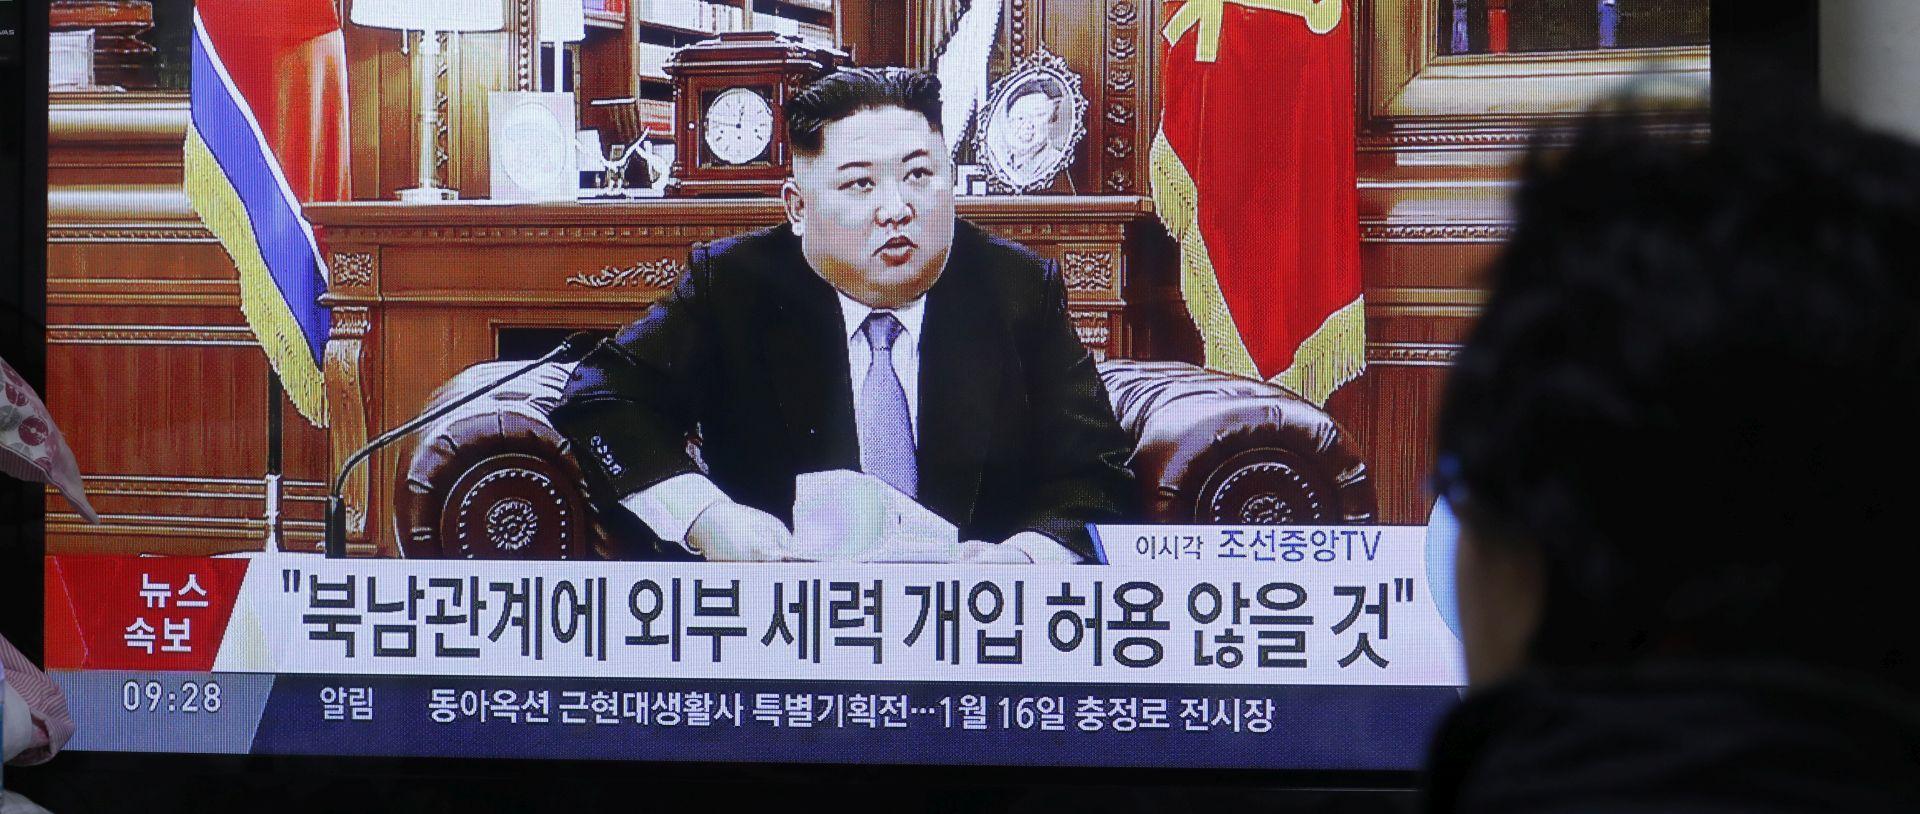 Sjevernokorejski vođa Kim Jong Un u četvrtom posjetu Kini